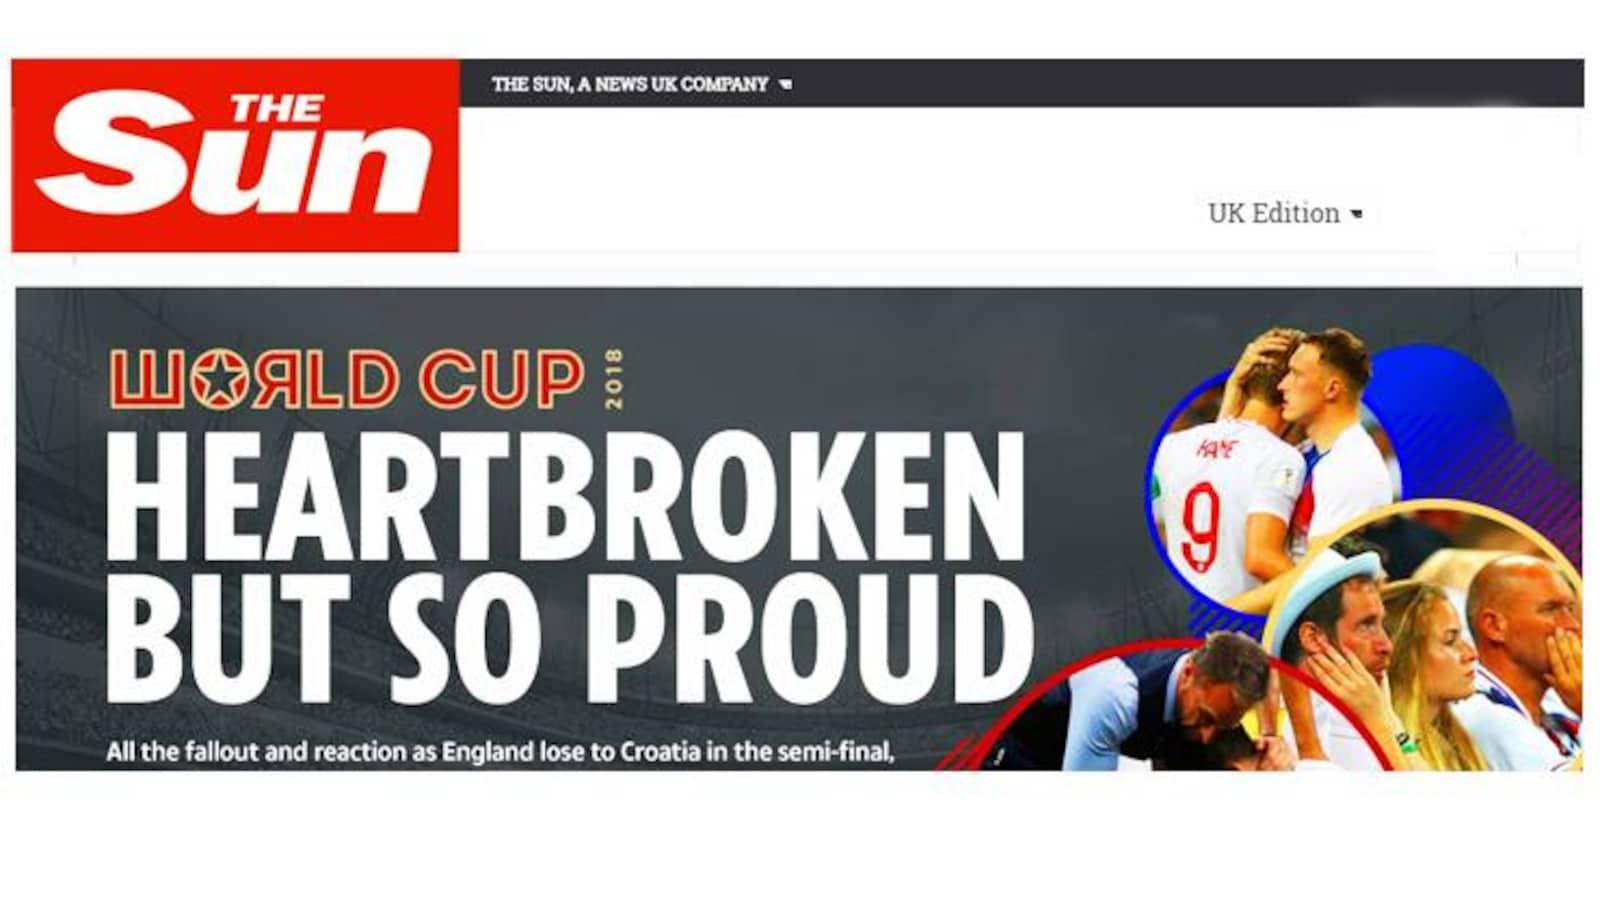 La une du journal britannique The Sun : le coeur brisé, mais si fiers